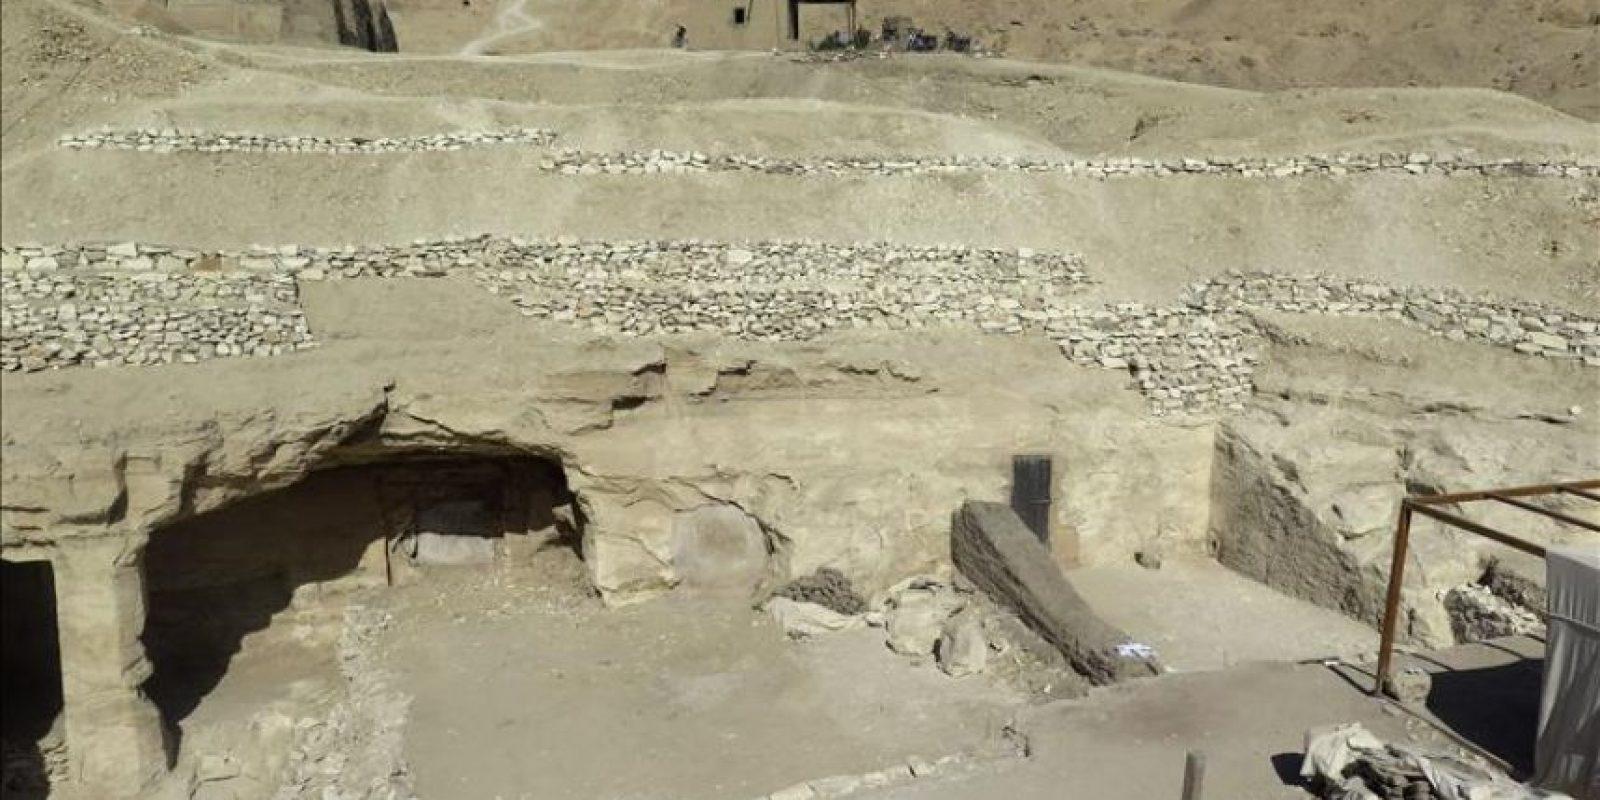 """Patio de la tumba del visir Amen-Hotep Huy, de la misión arqueológica española titulada """"Devolver el alma al antiguo egipto"""", que hoy cierra su campaña de 2014, y que cuenta con Teresa Bedman como codirectora. EFE"""